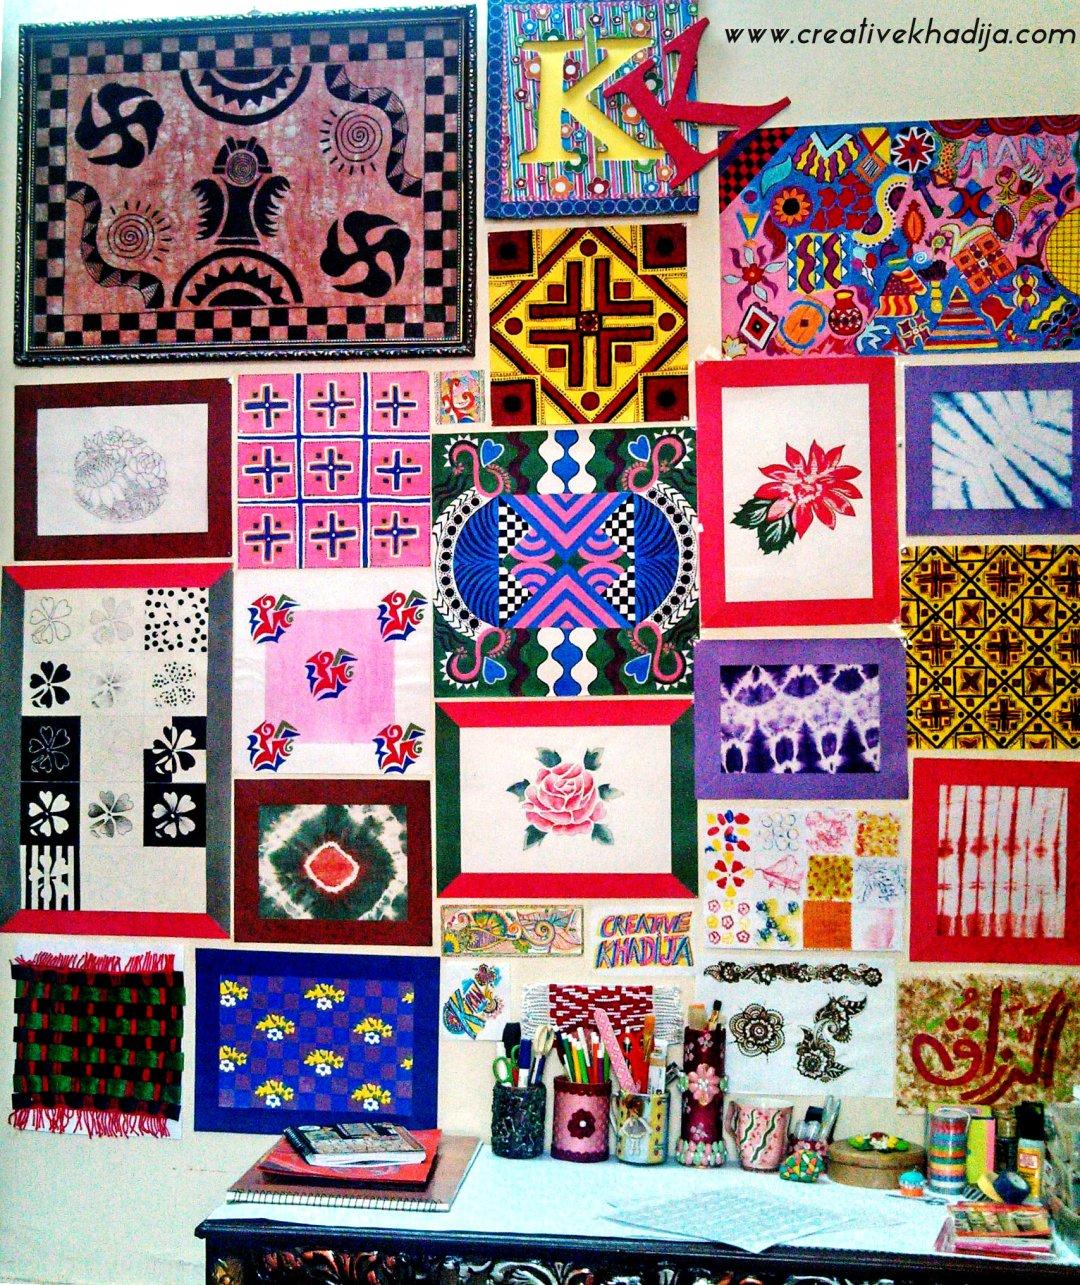 creativekhadija craftroom craft space area-